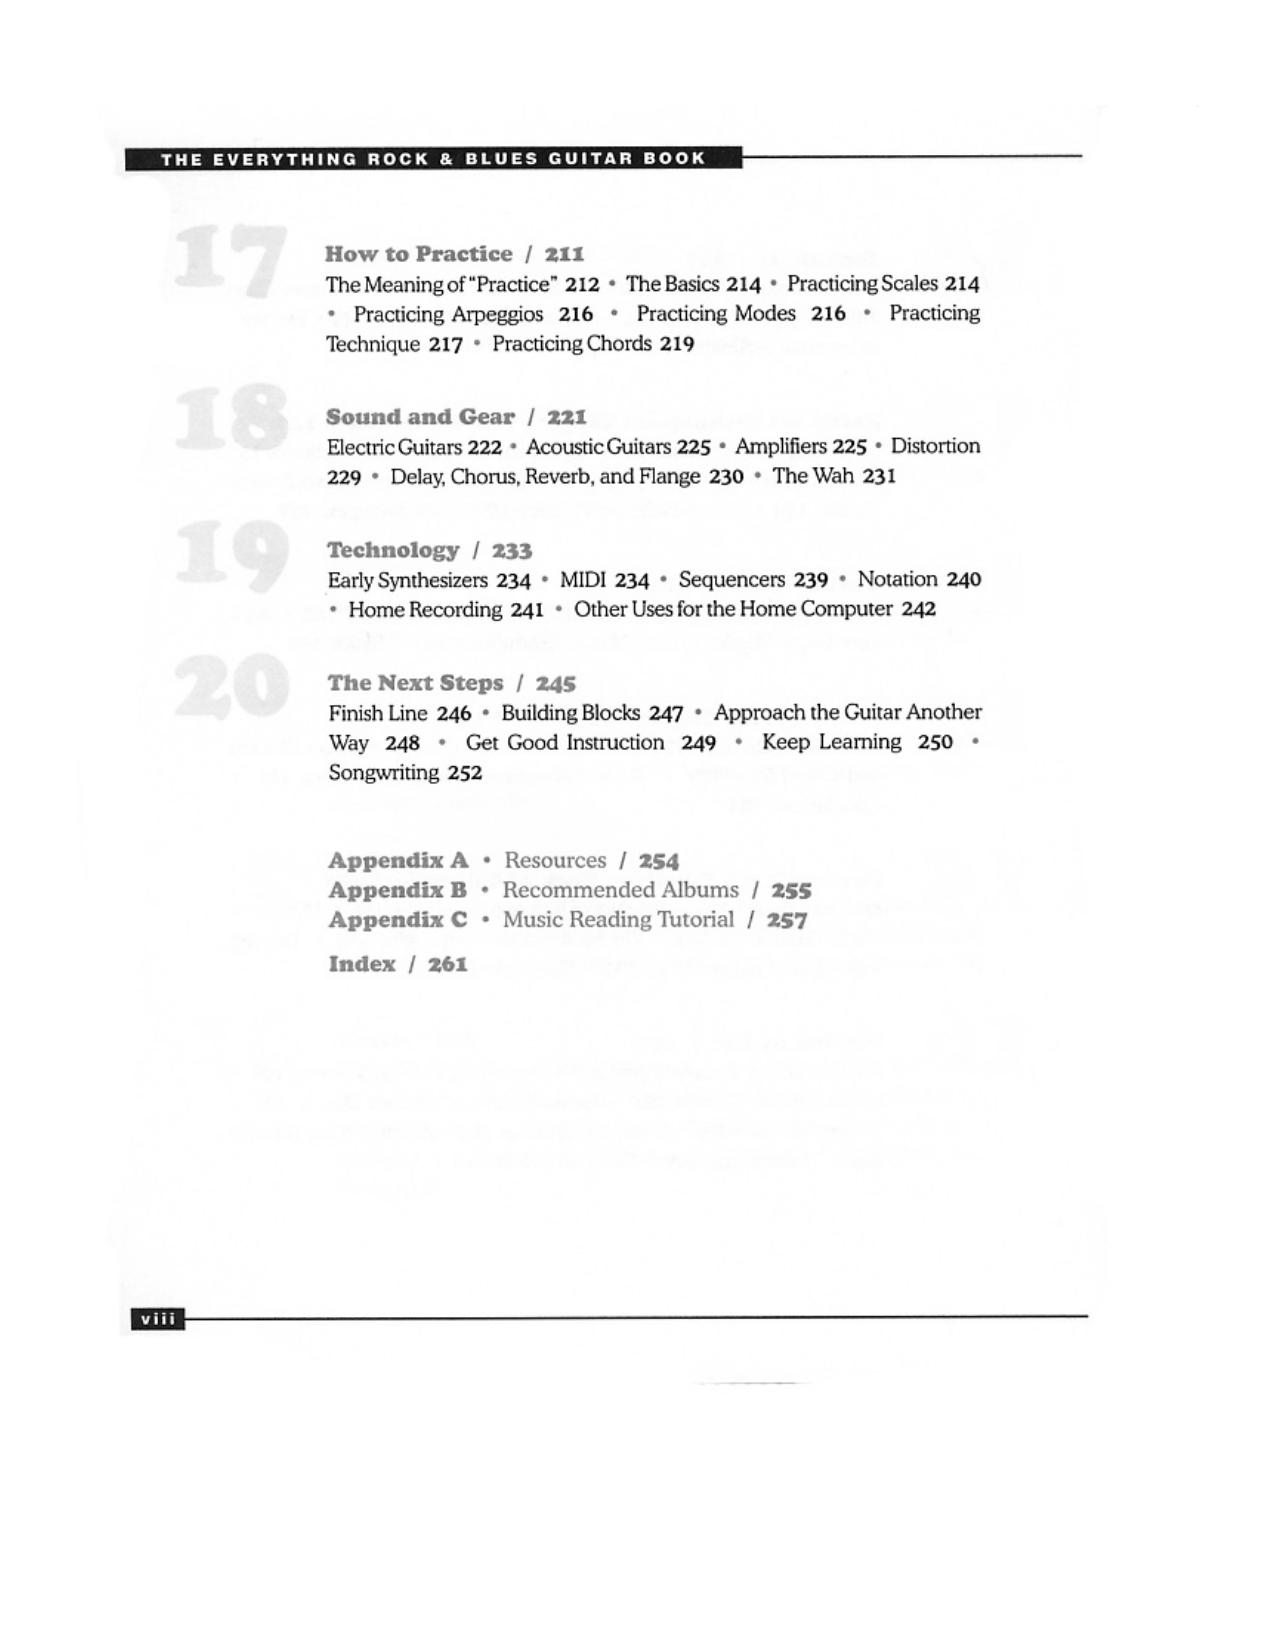 PDF manual for Parker Guitar P-9E